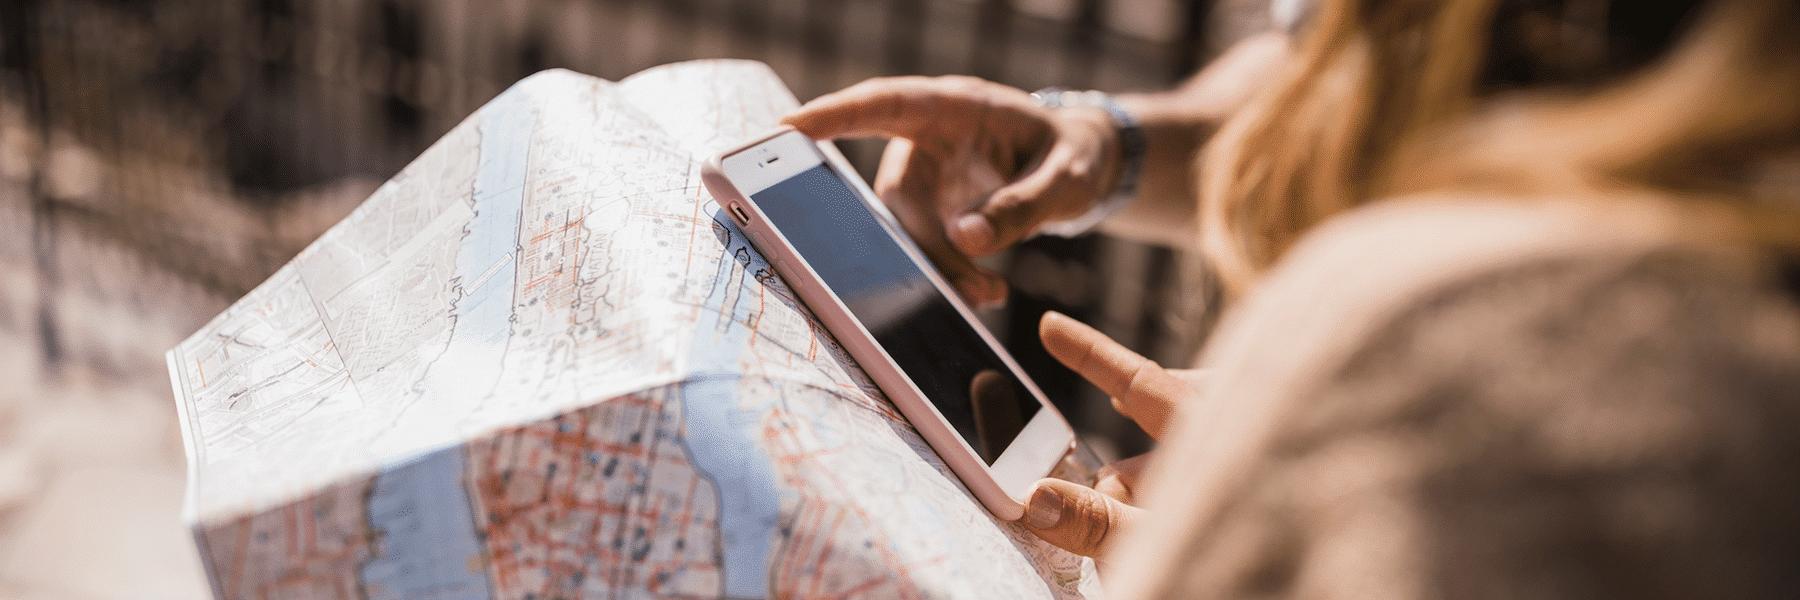 COMUNICAÇÃO DIGITAL EM TURISMO: UMA TENDÊNCIA A ACELERAR